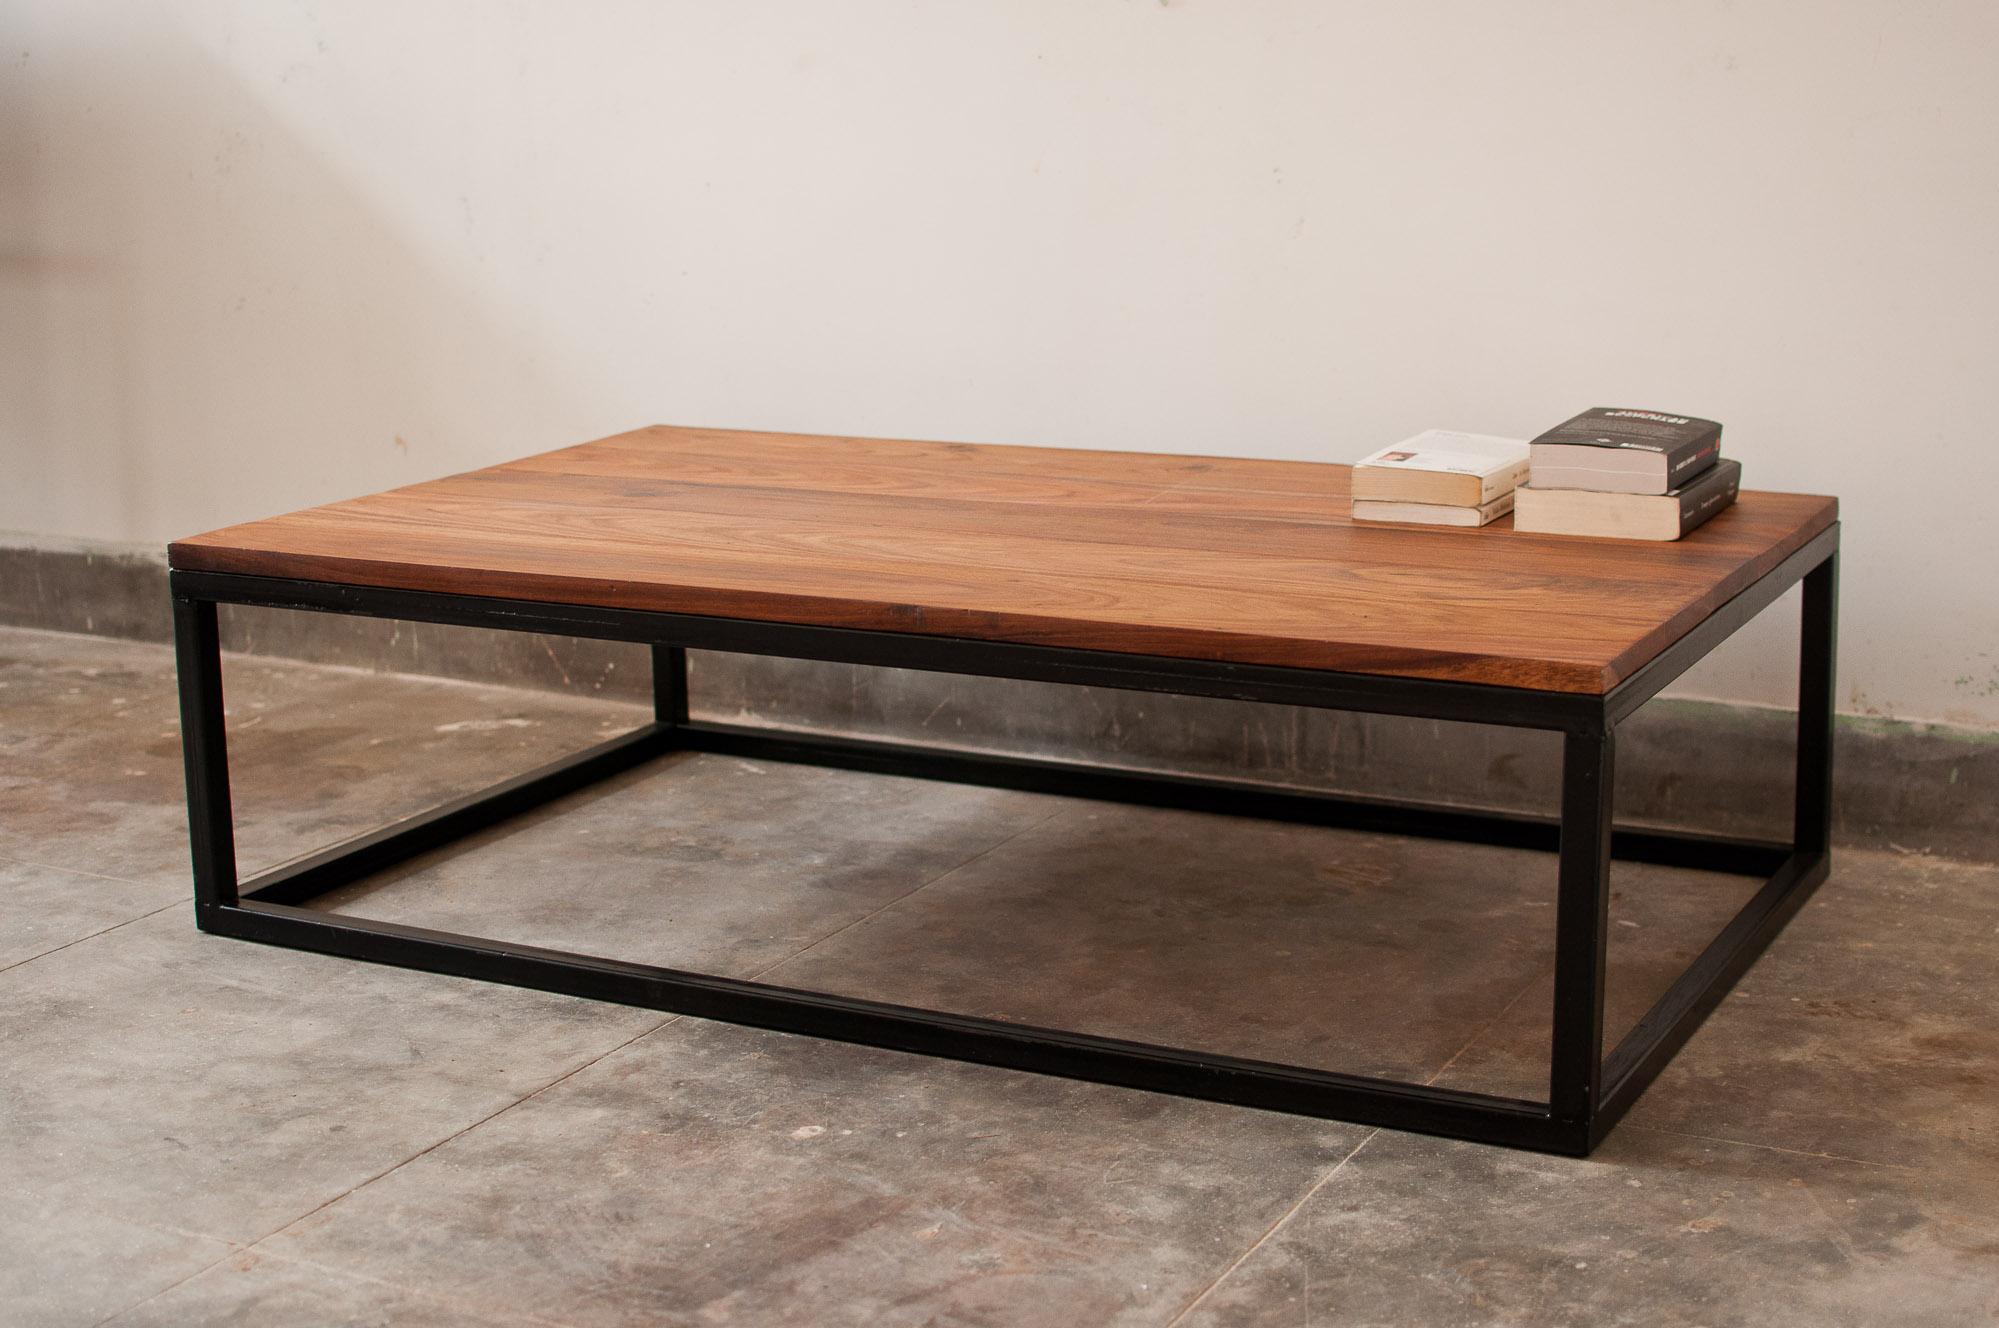 Rosewood - Medium size